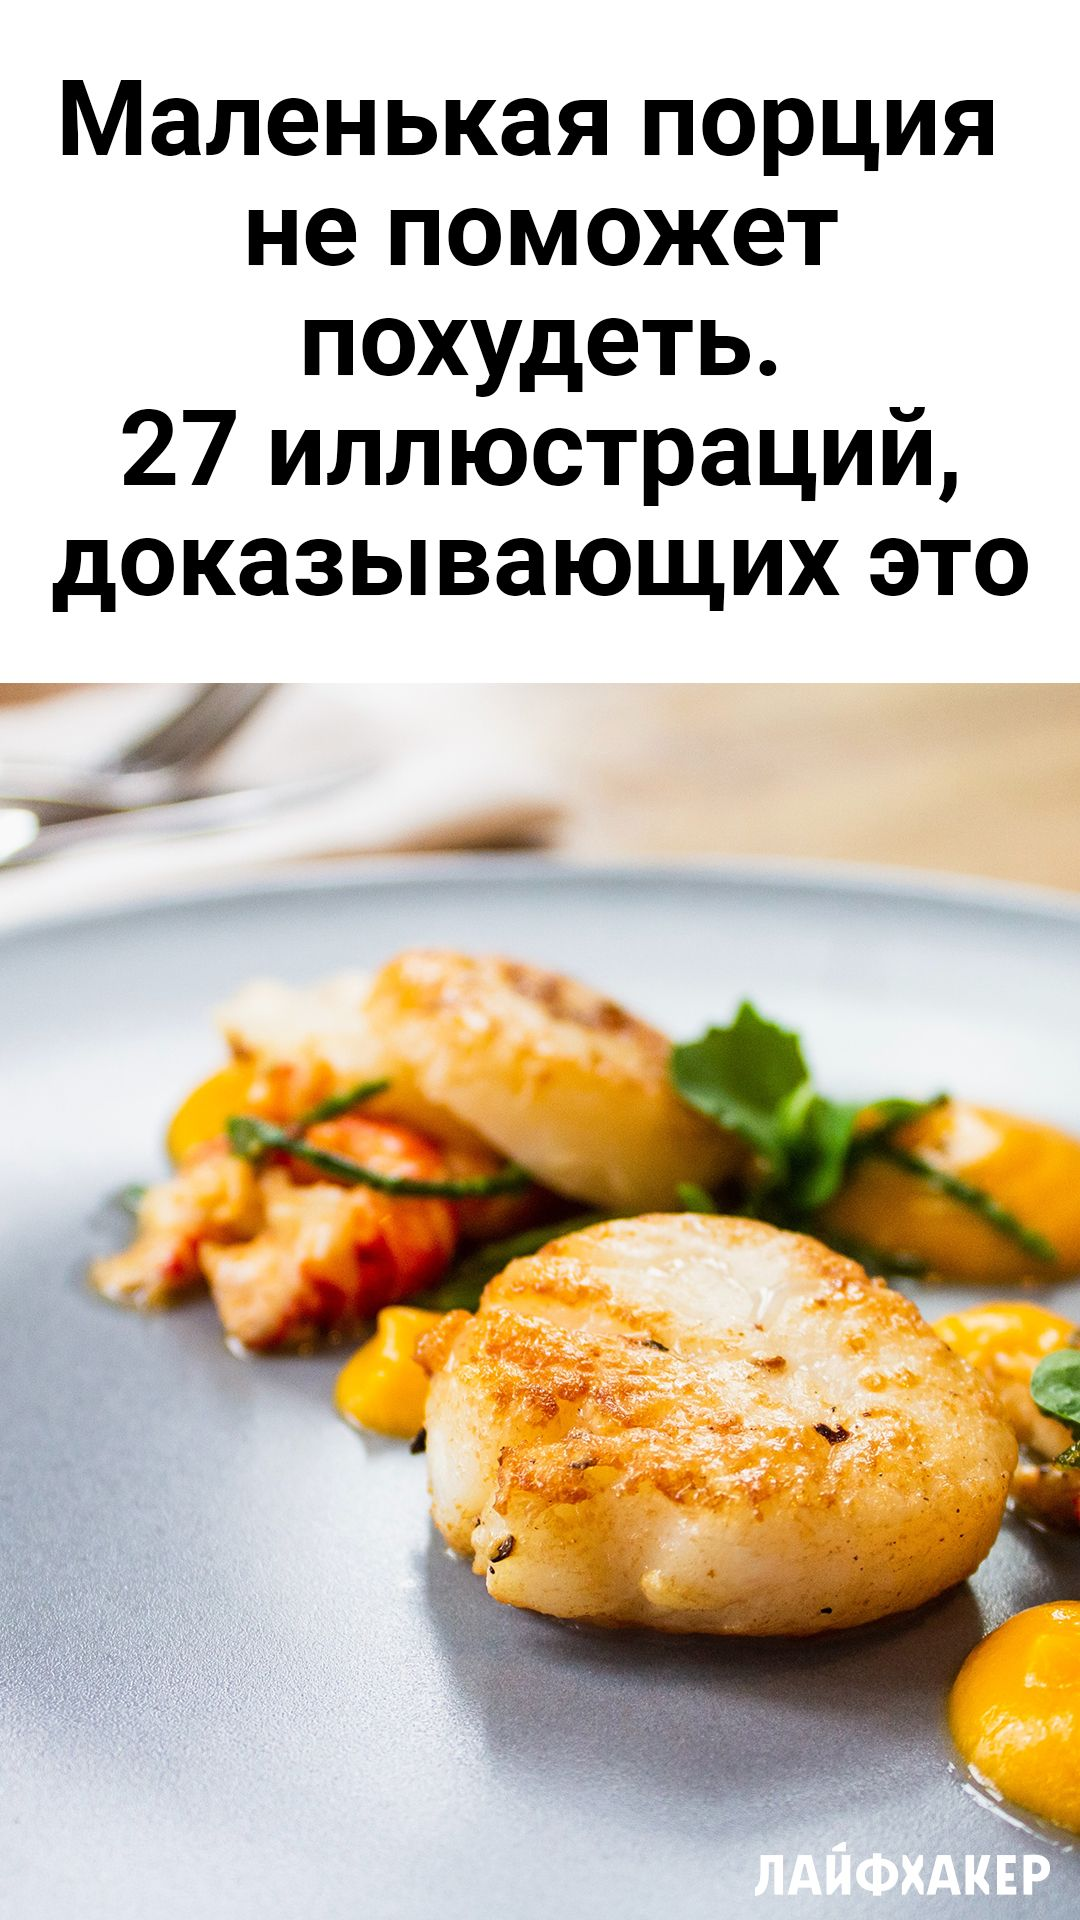 размер порции чтобы похудеть